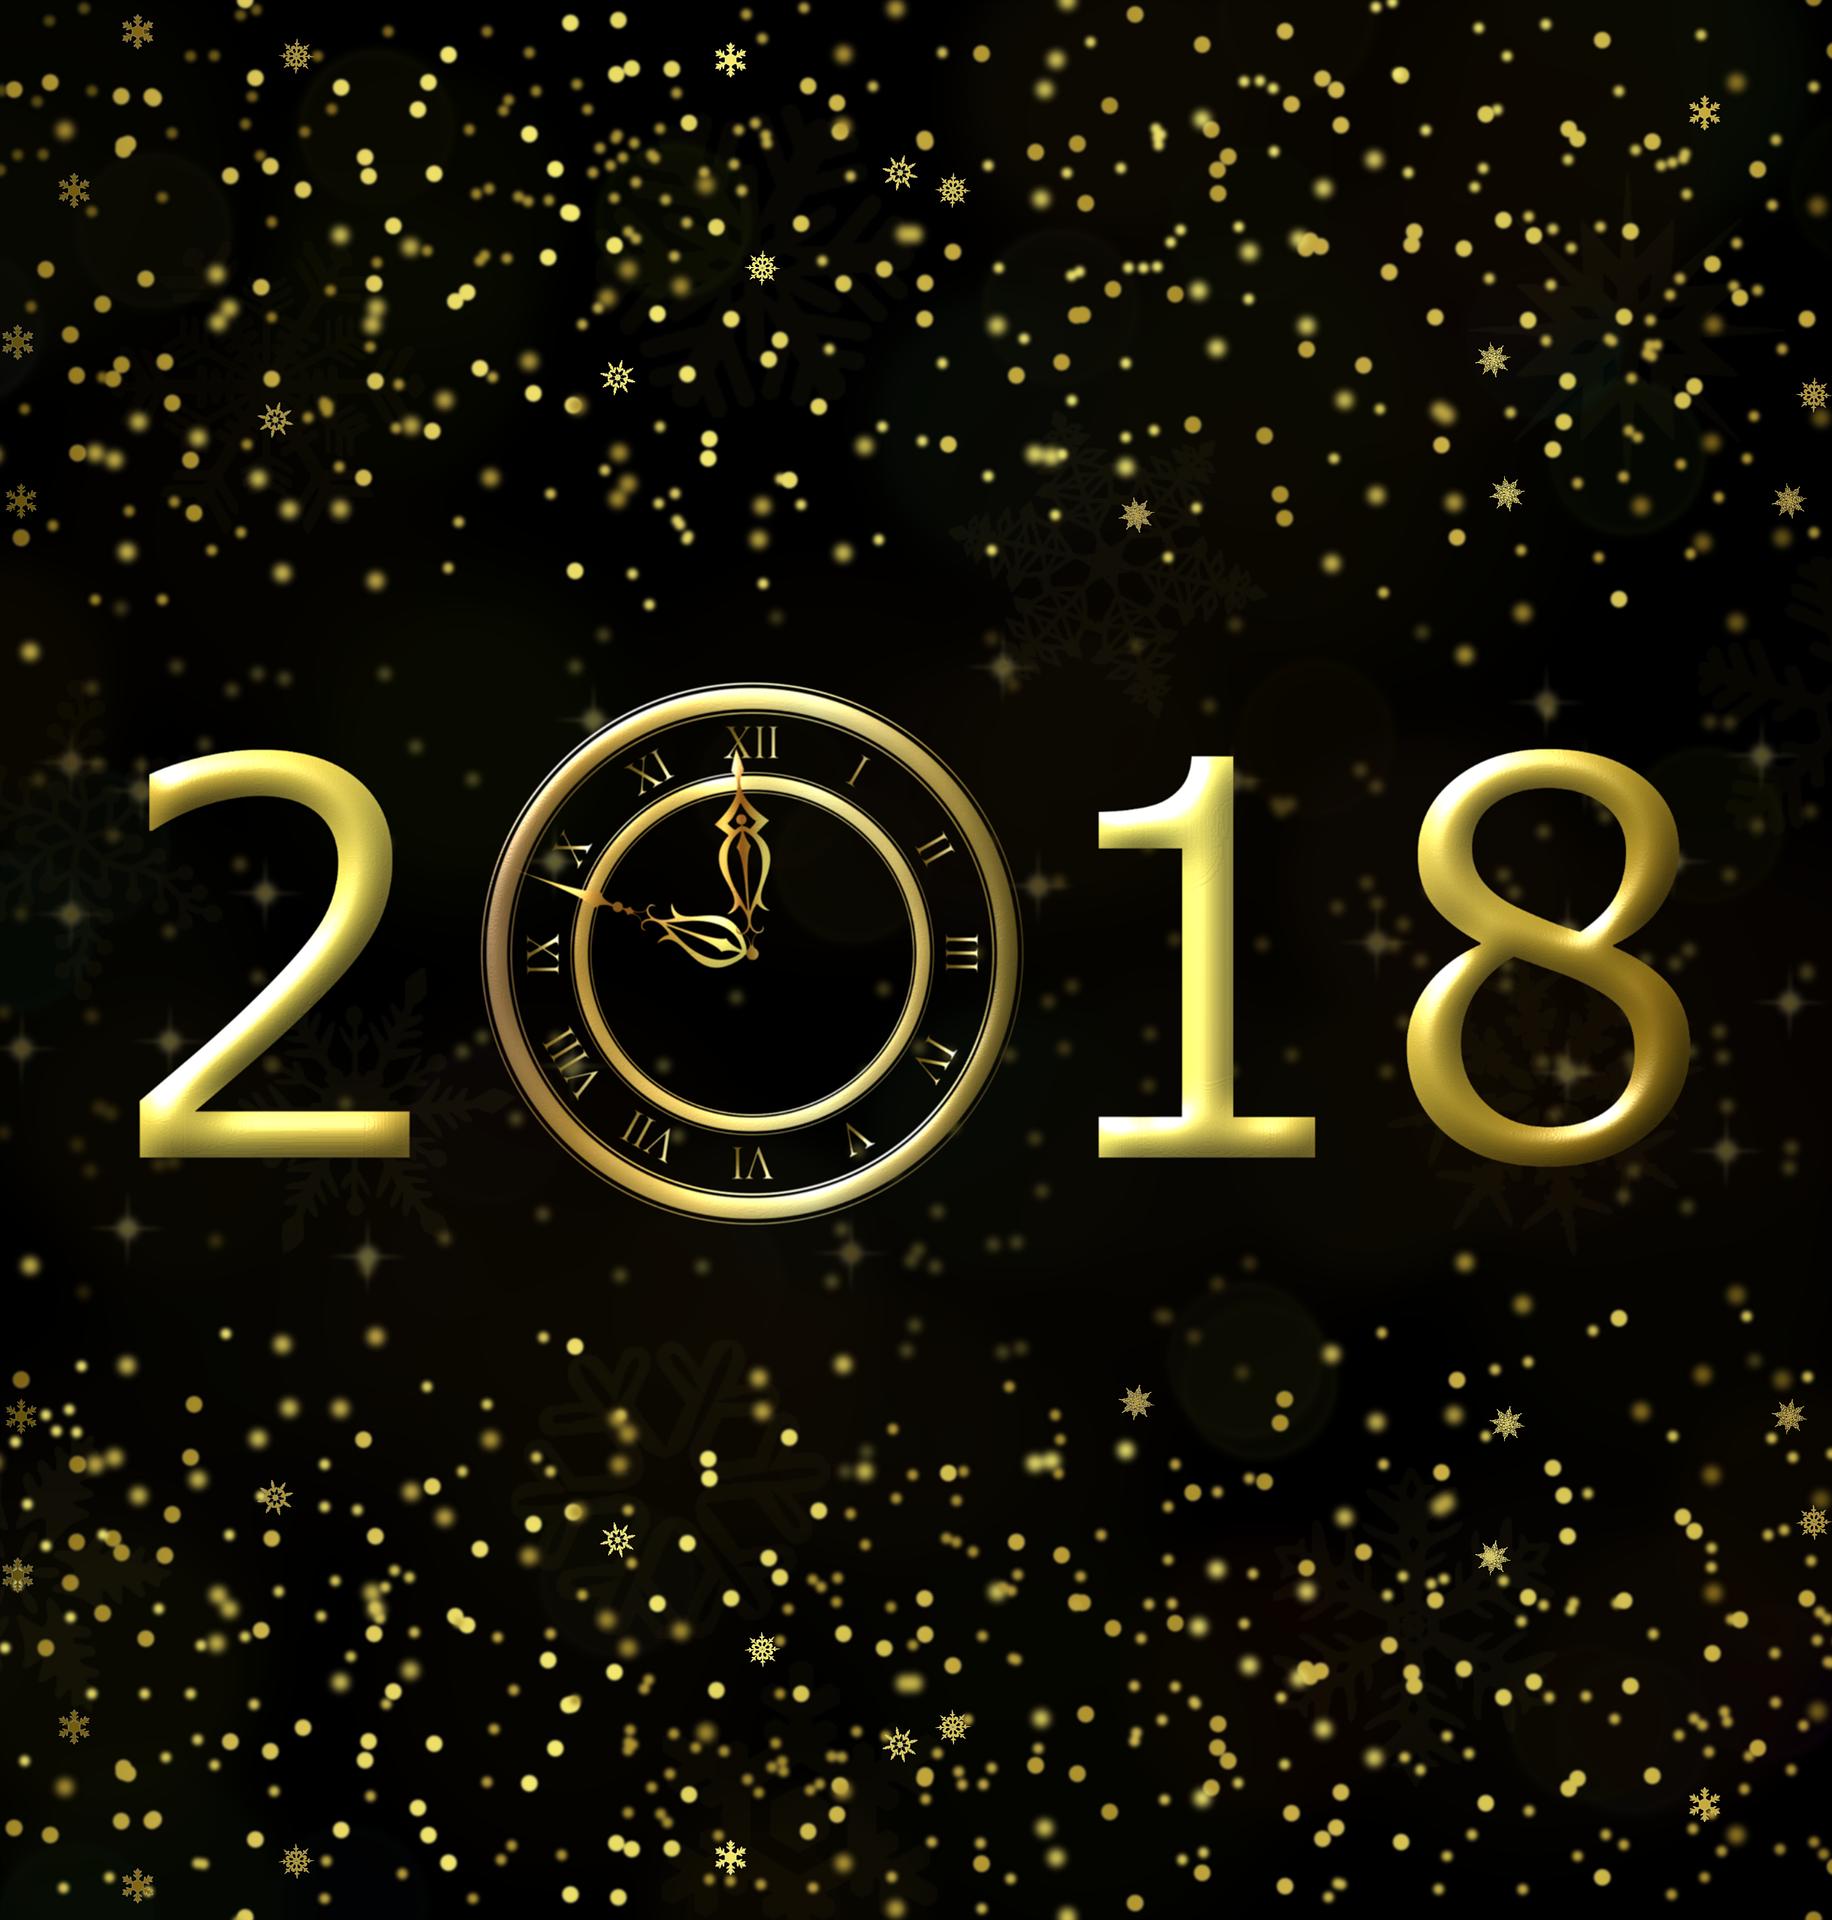 Your Year Ahead Horoscopes: Libra forecasting